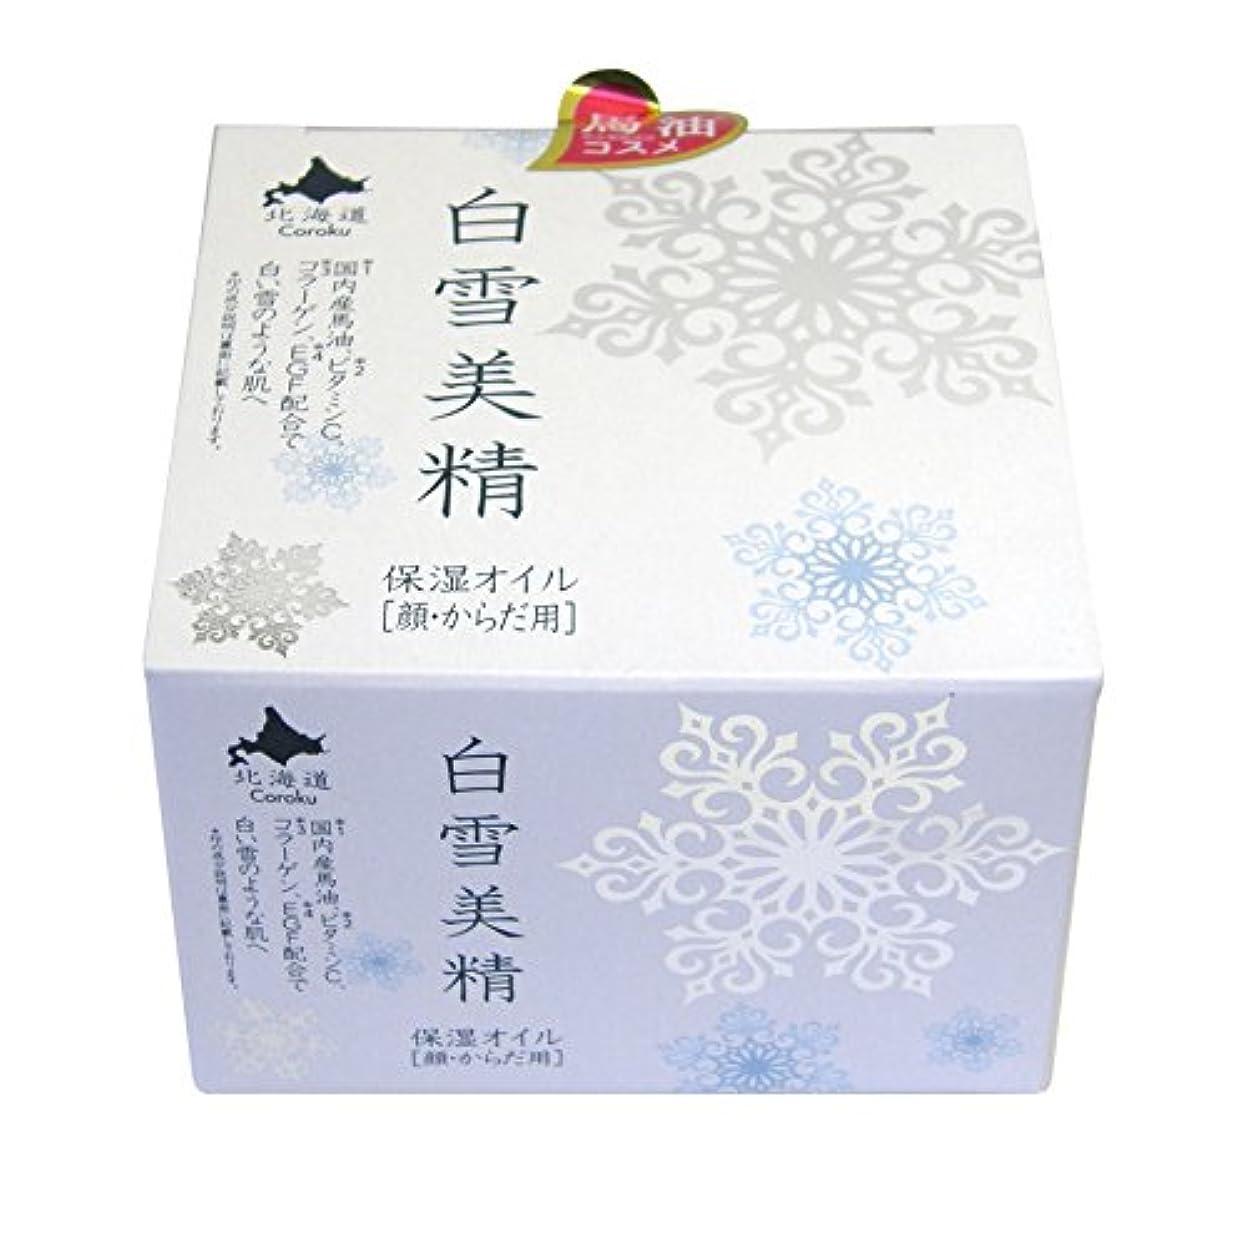 タバコ子豚誕生Coroku 白雪美精保湿オイル(顔?からだ用) 100ml